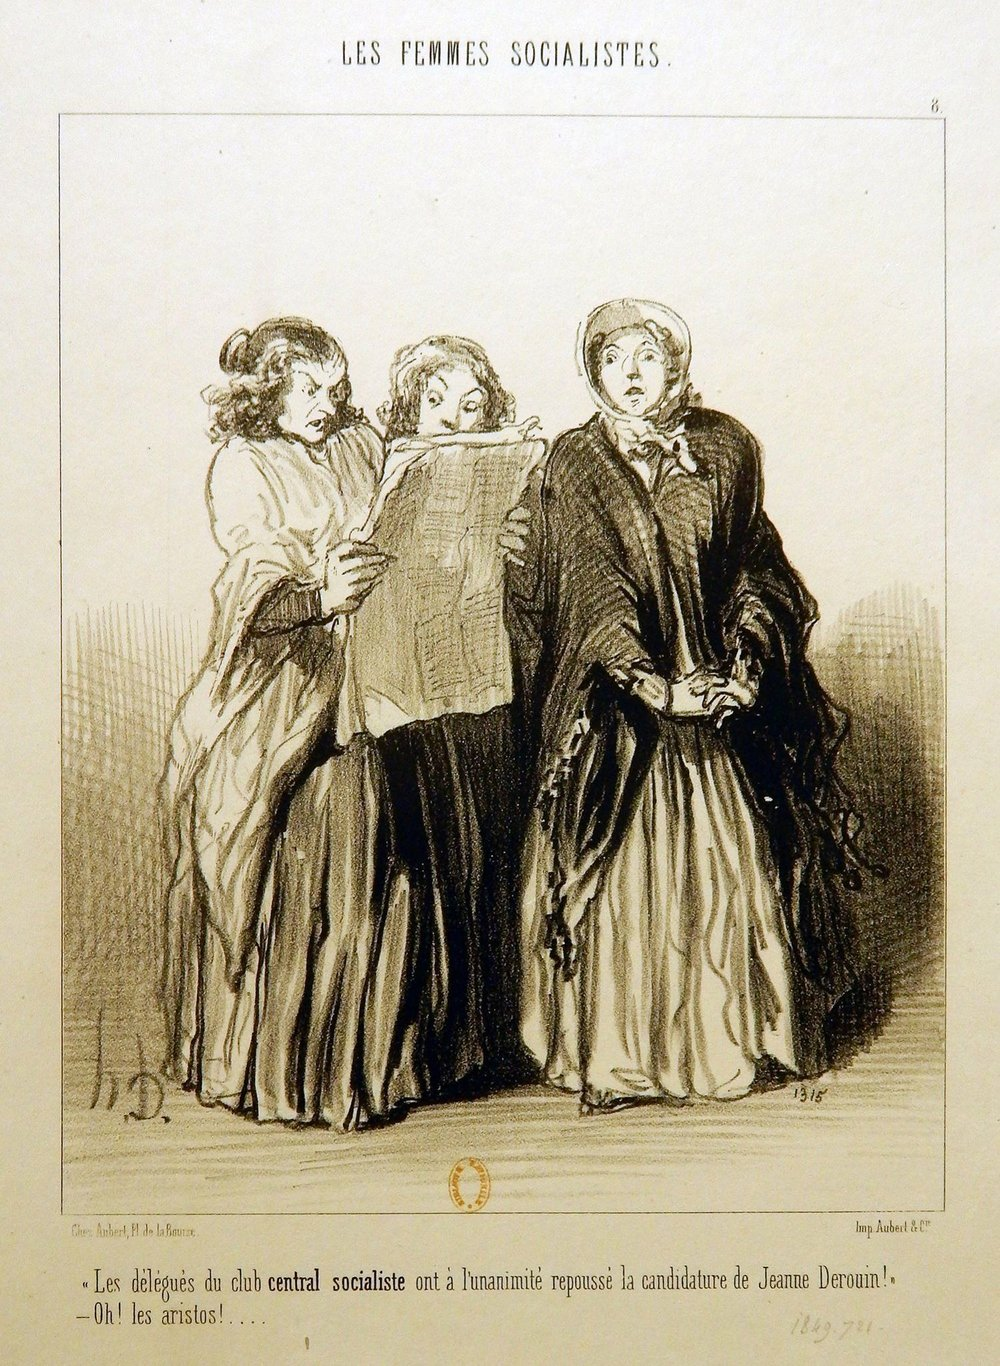 HonoréDaumier, Les Femmes socialistes (1849)